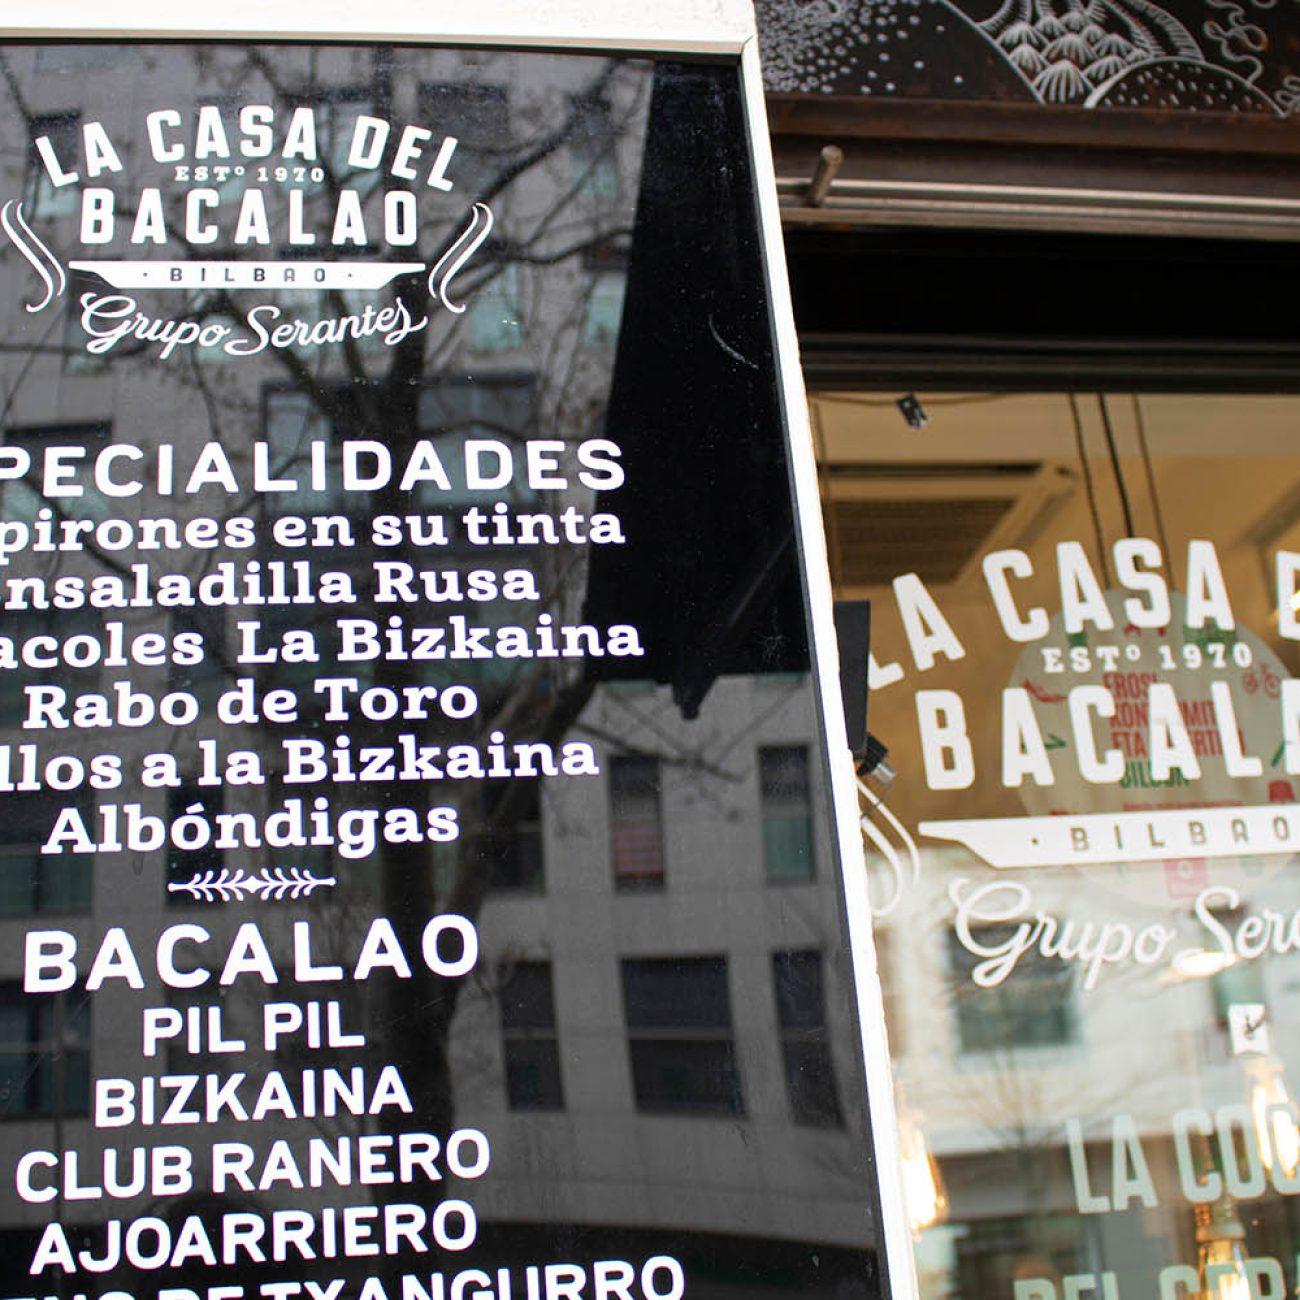 La casa del bacalao, comida preparada para llevar en Bilbao